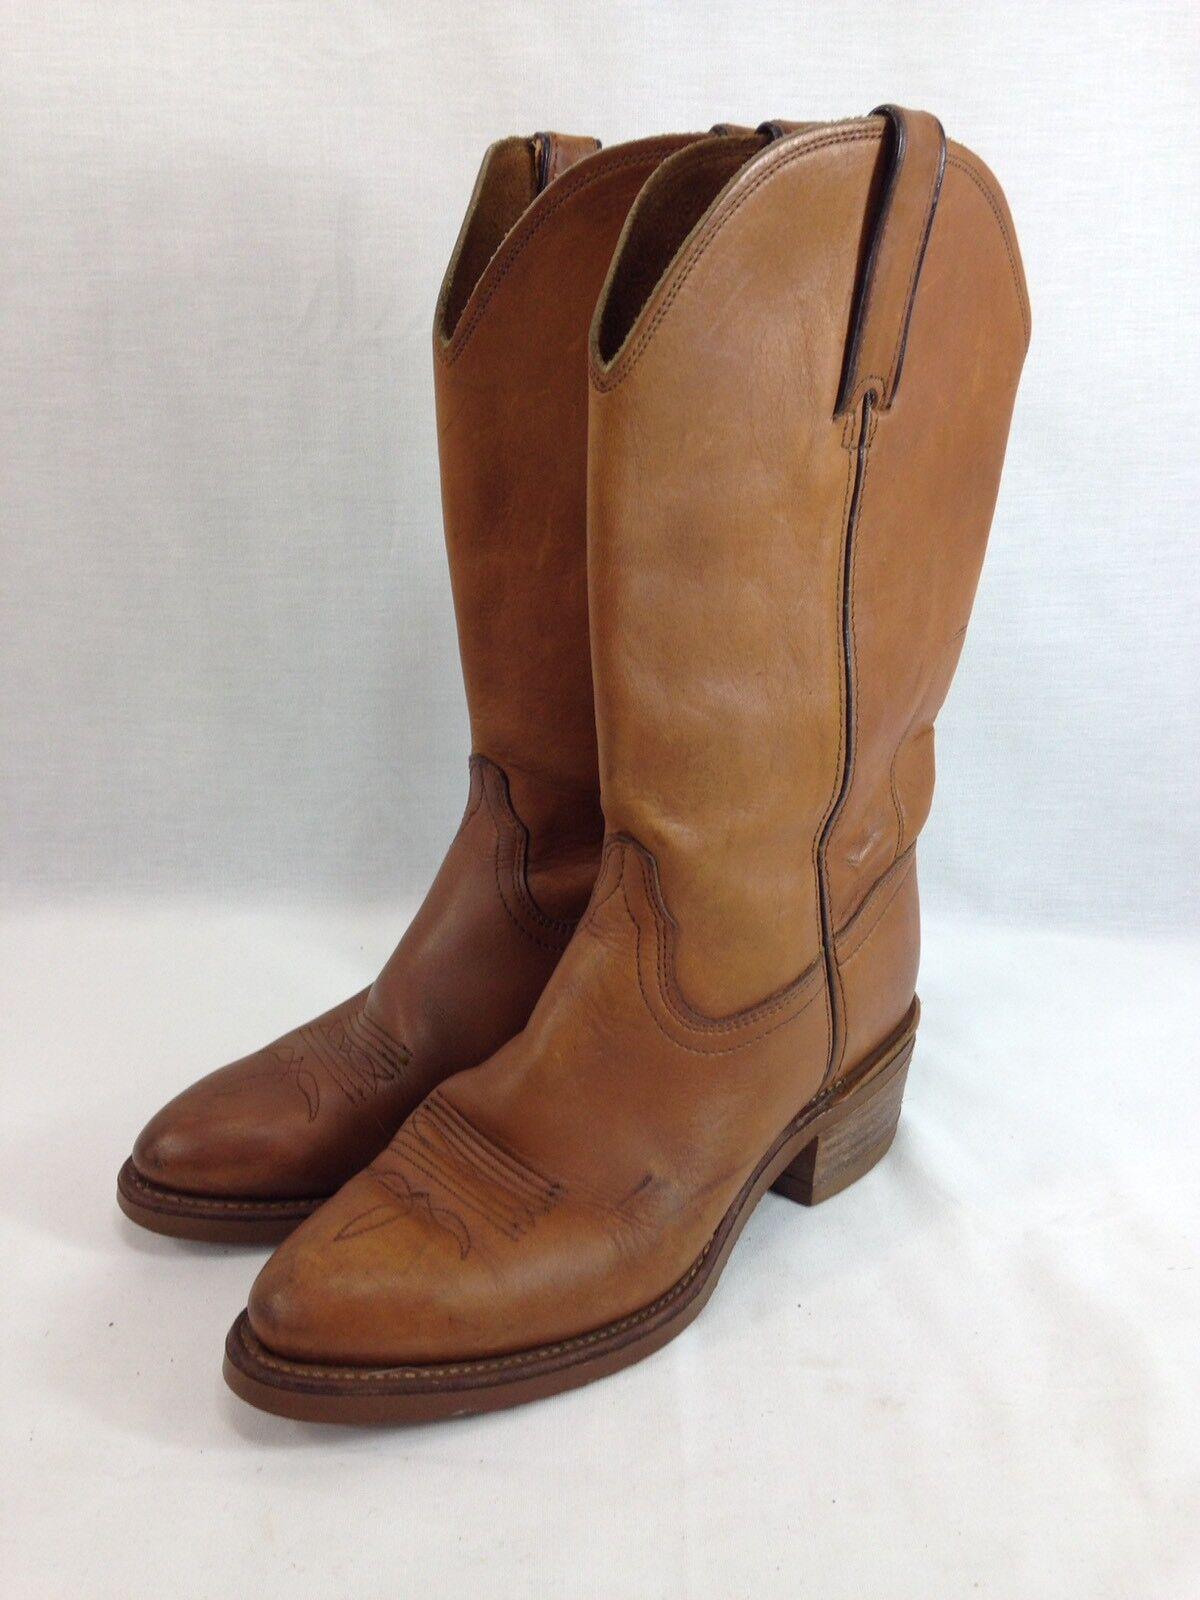 VTG Durango Cowboy Stiefel damen 8.5 M braun Leather Western Cowgirl Pull On USA